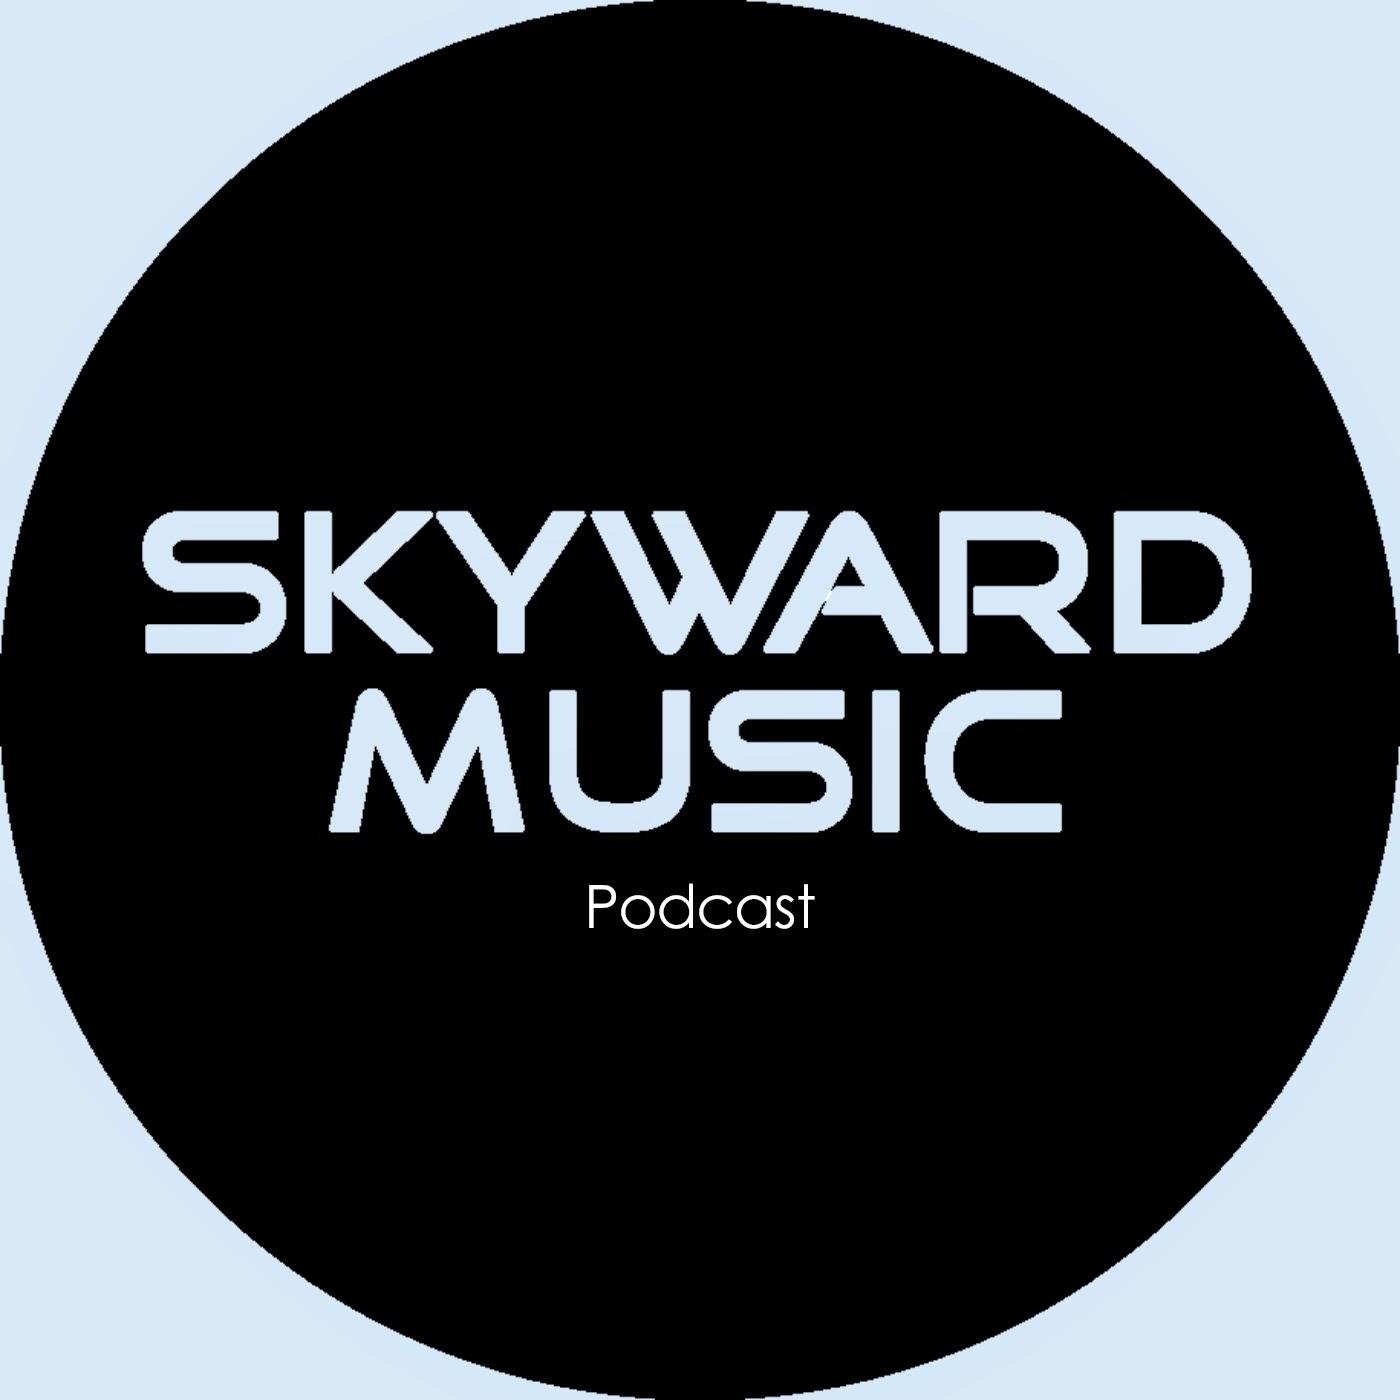 Skyward Music Podcast